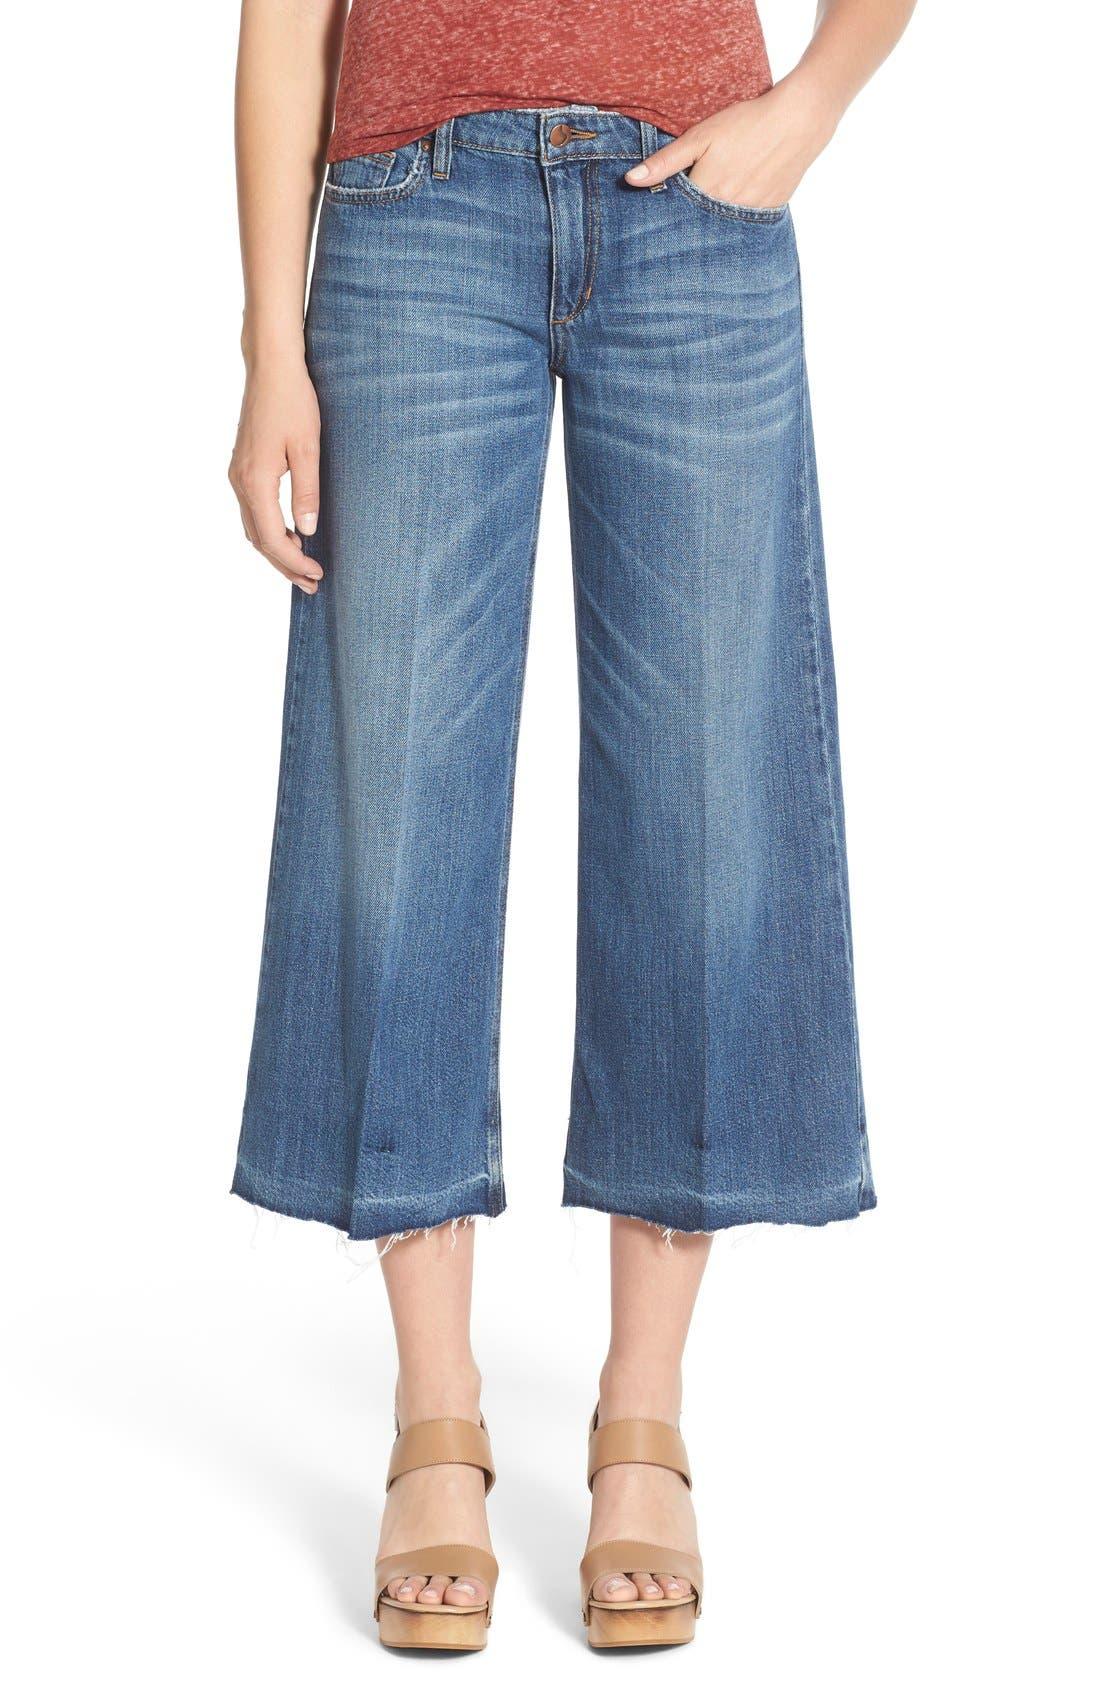 Alternate Image 1 Selected - Joe's 'The Gaucho' Crop Flare Jeans (Edie)